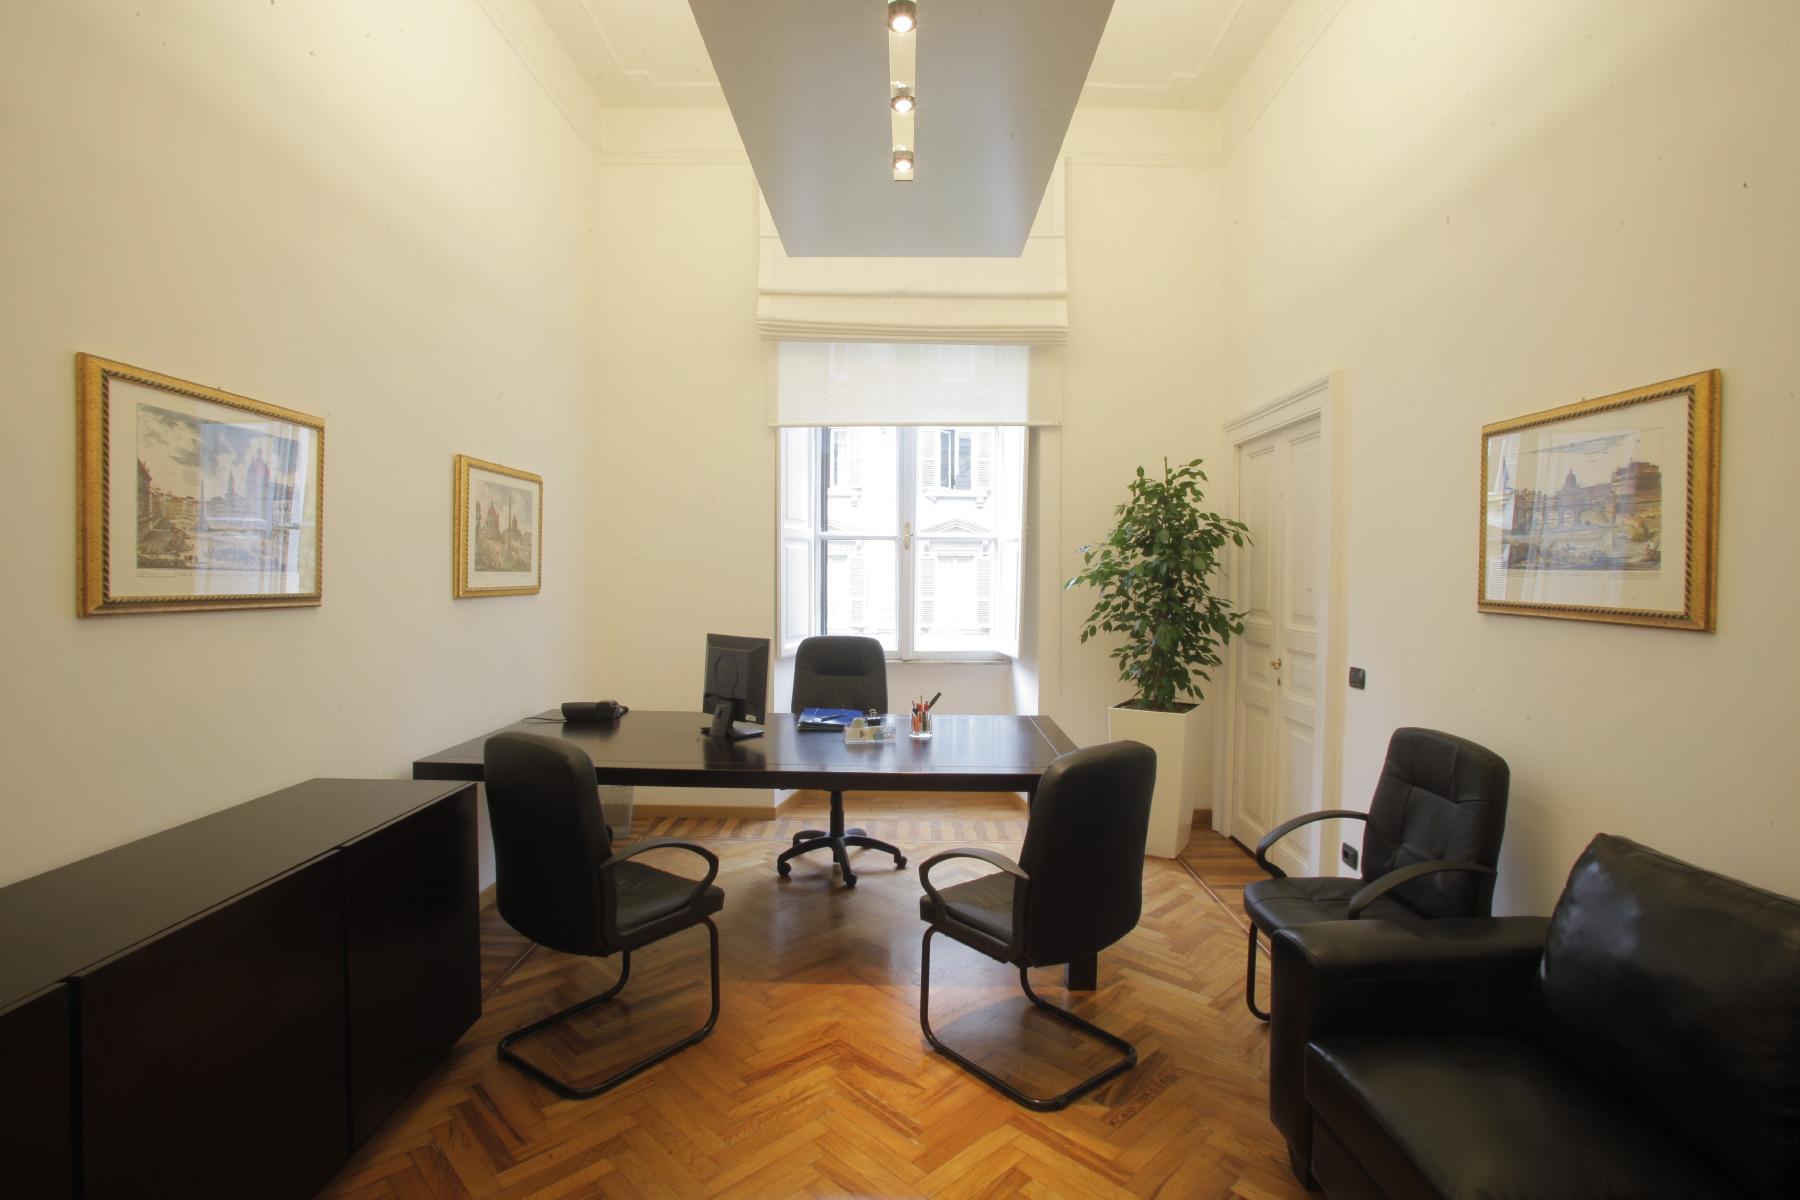 Abbonamento max 3 persone uffici in affitto roma for Uffici in affitto roma privati